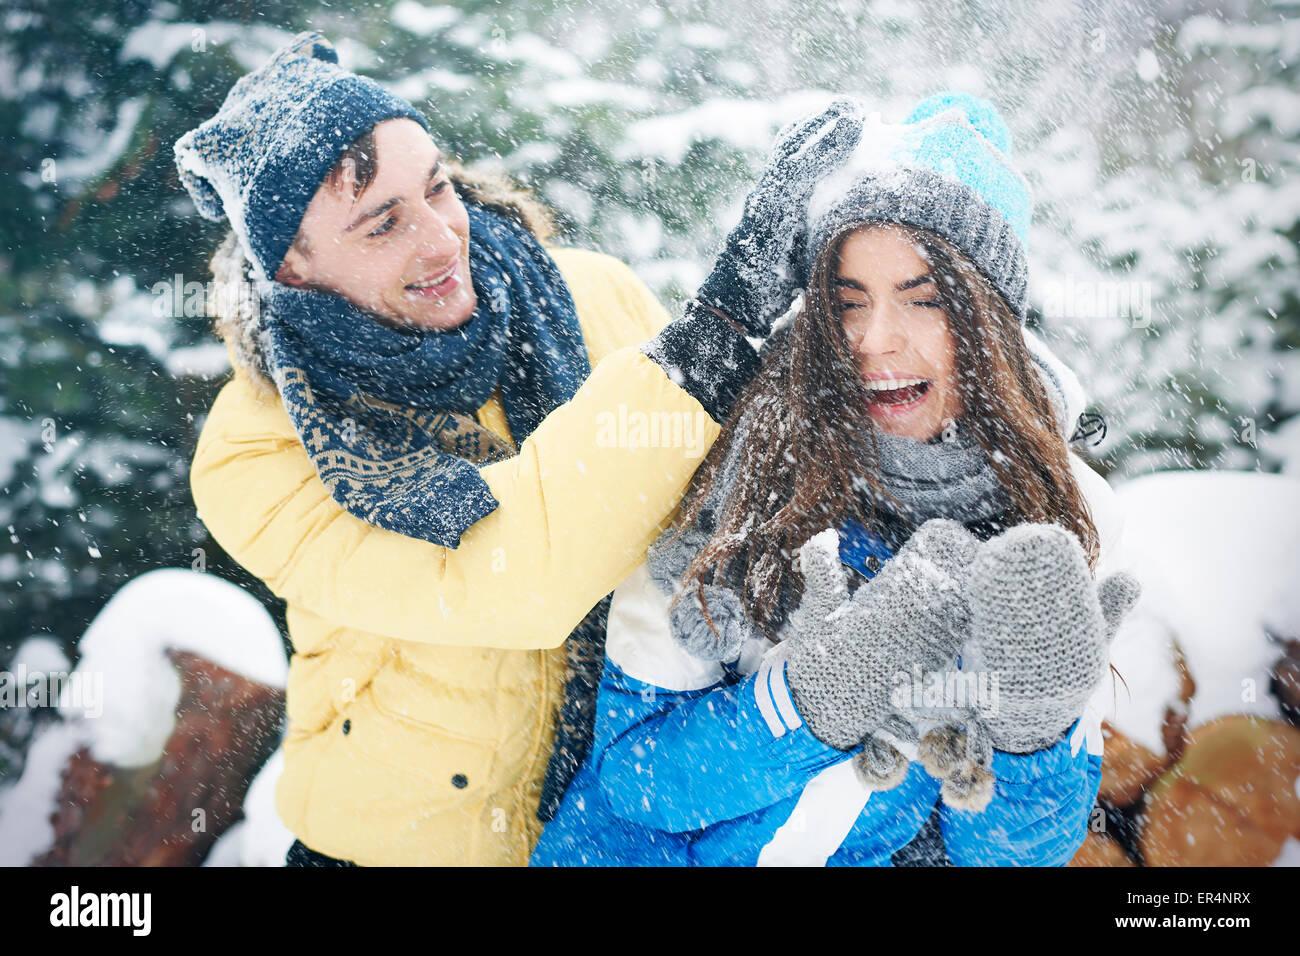 Bataille de boules de neige en hiver nous rendre plus heureux. Debica, Pologne Photo Stock